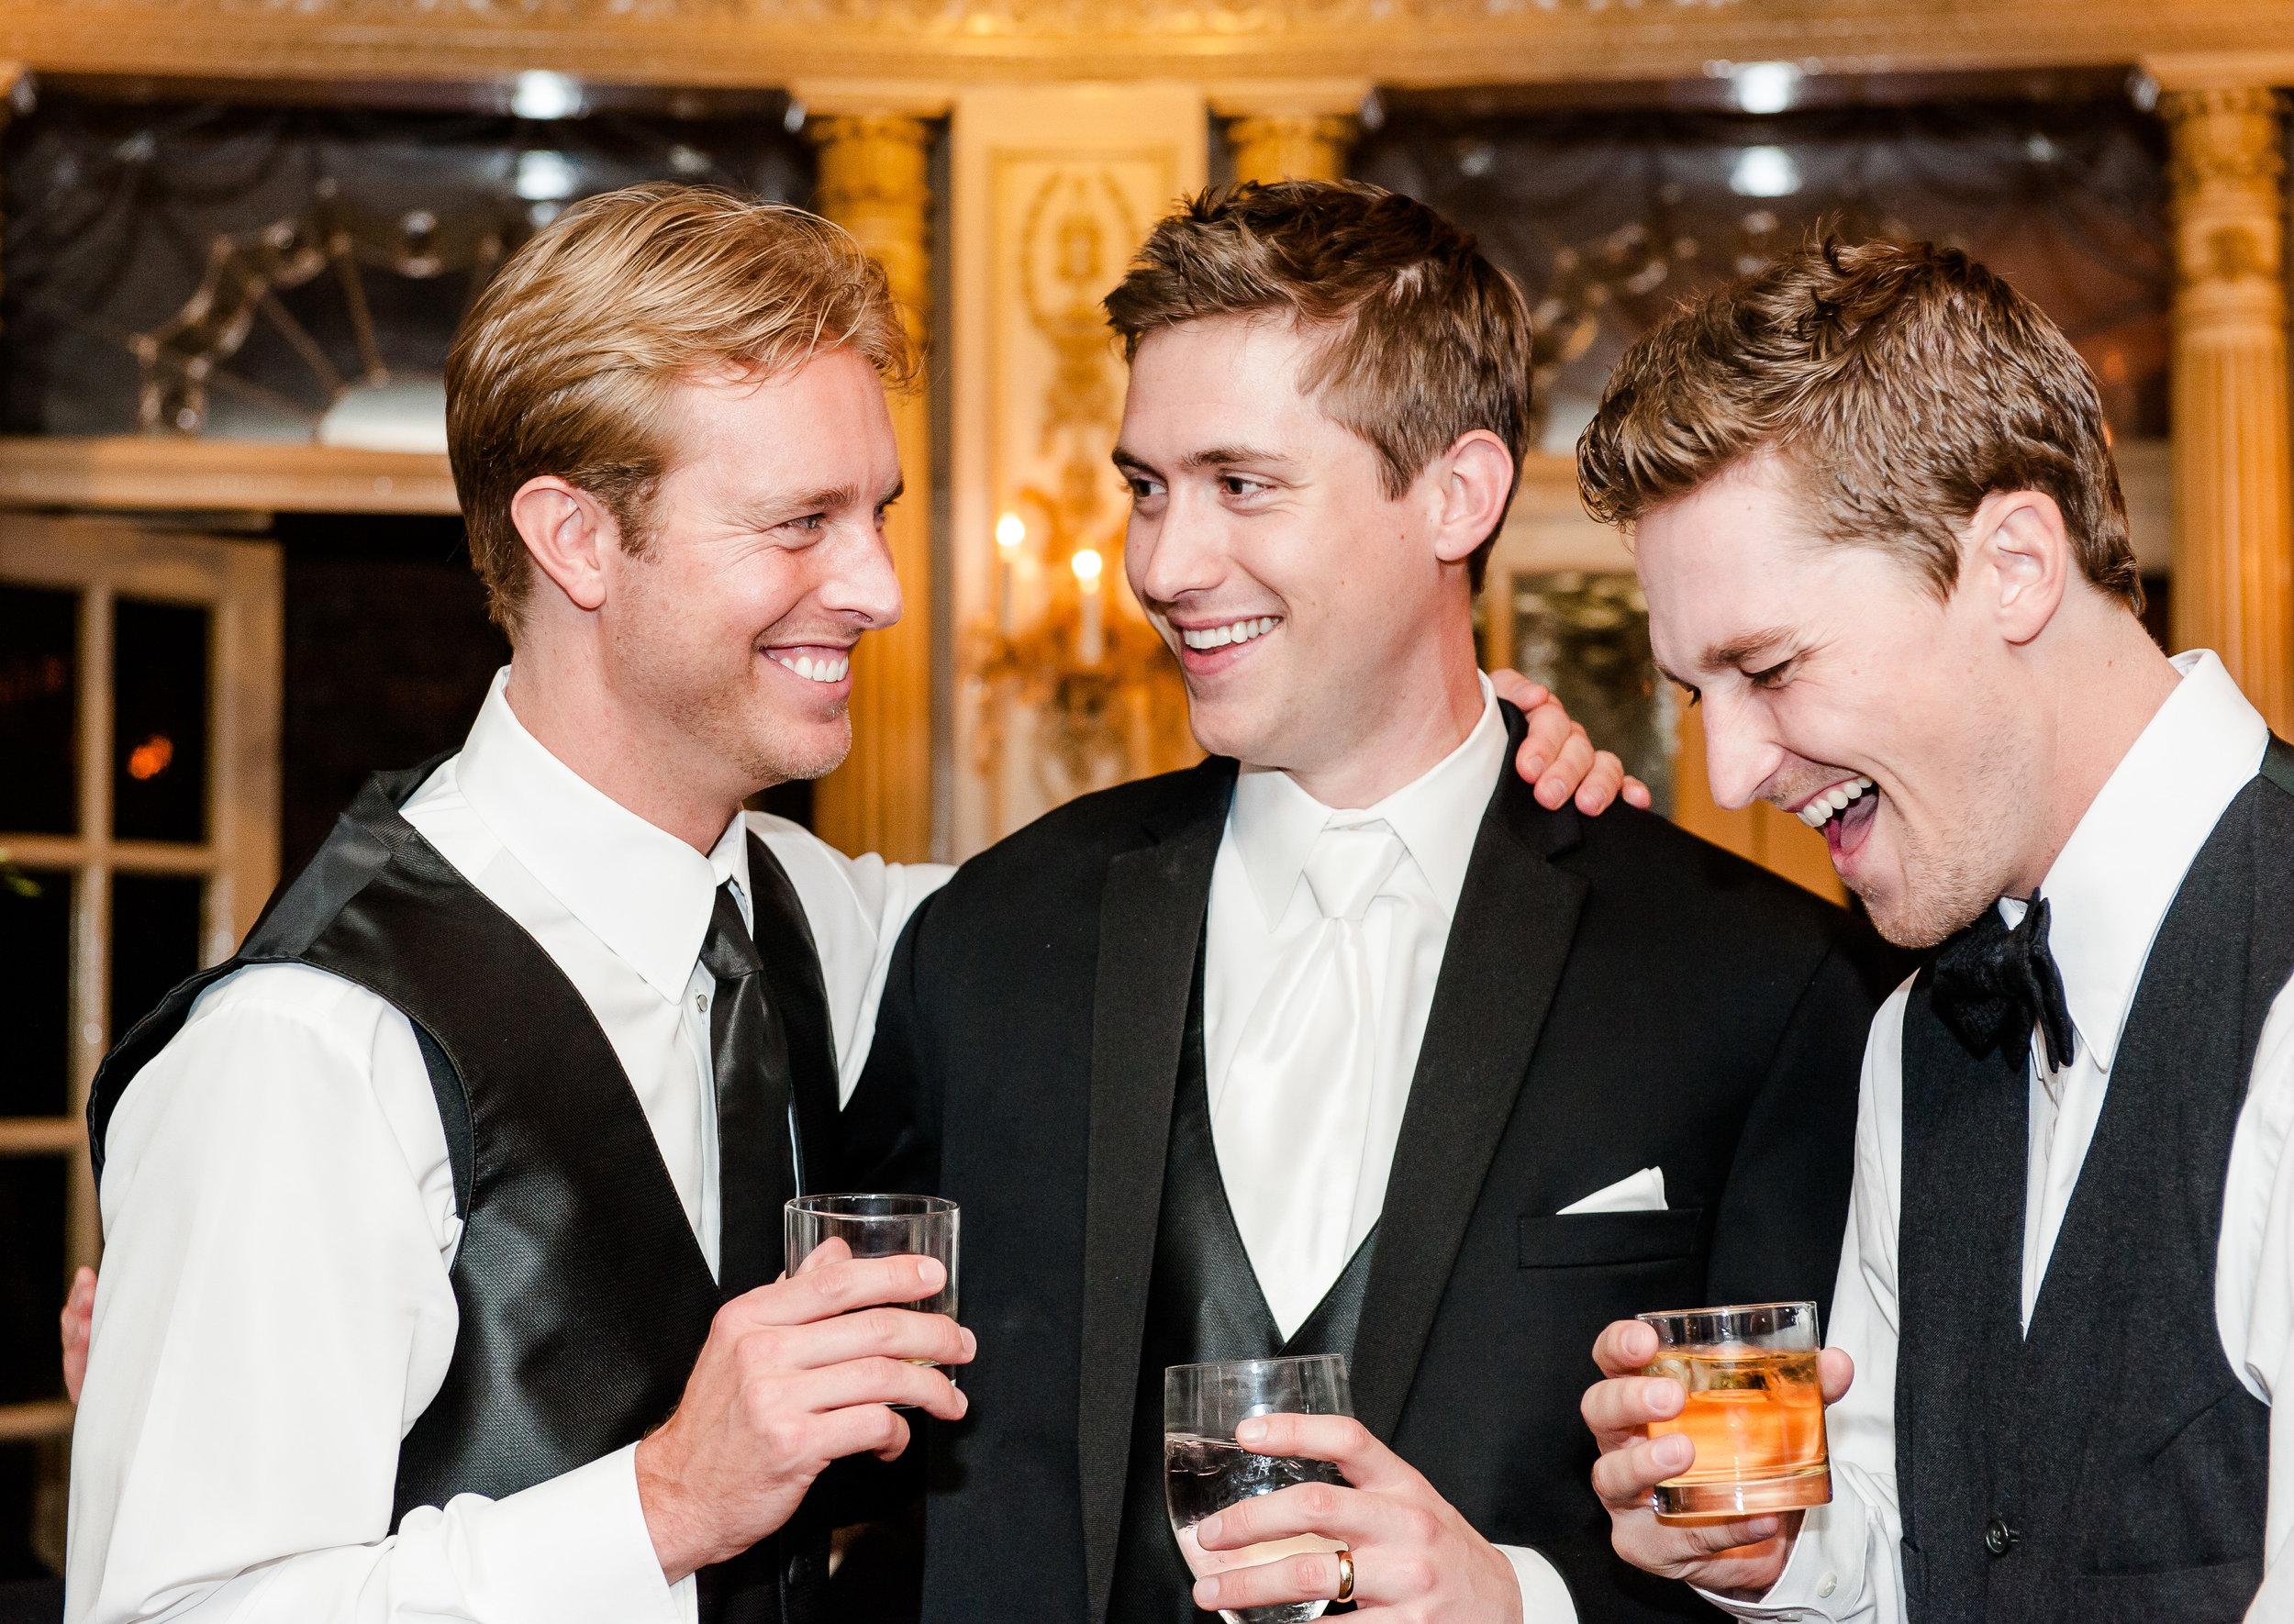 Weddings_AS-18.jpg